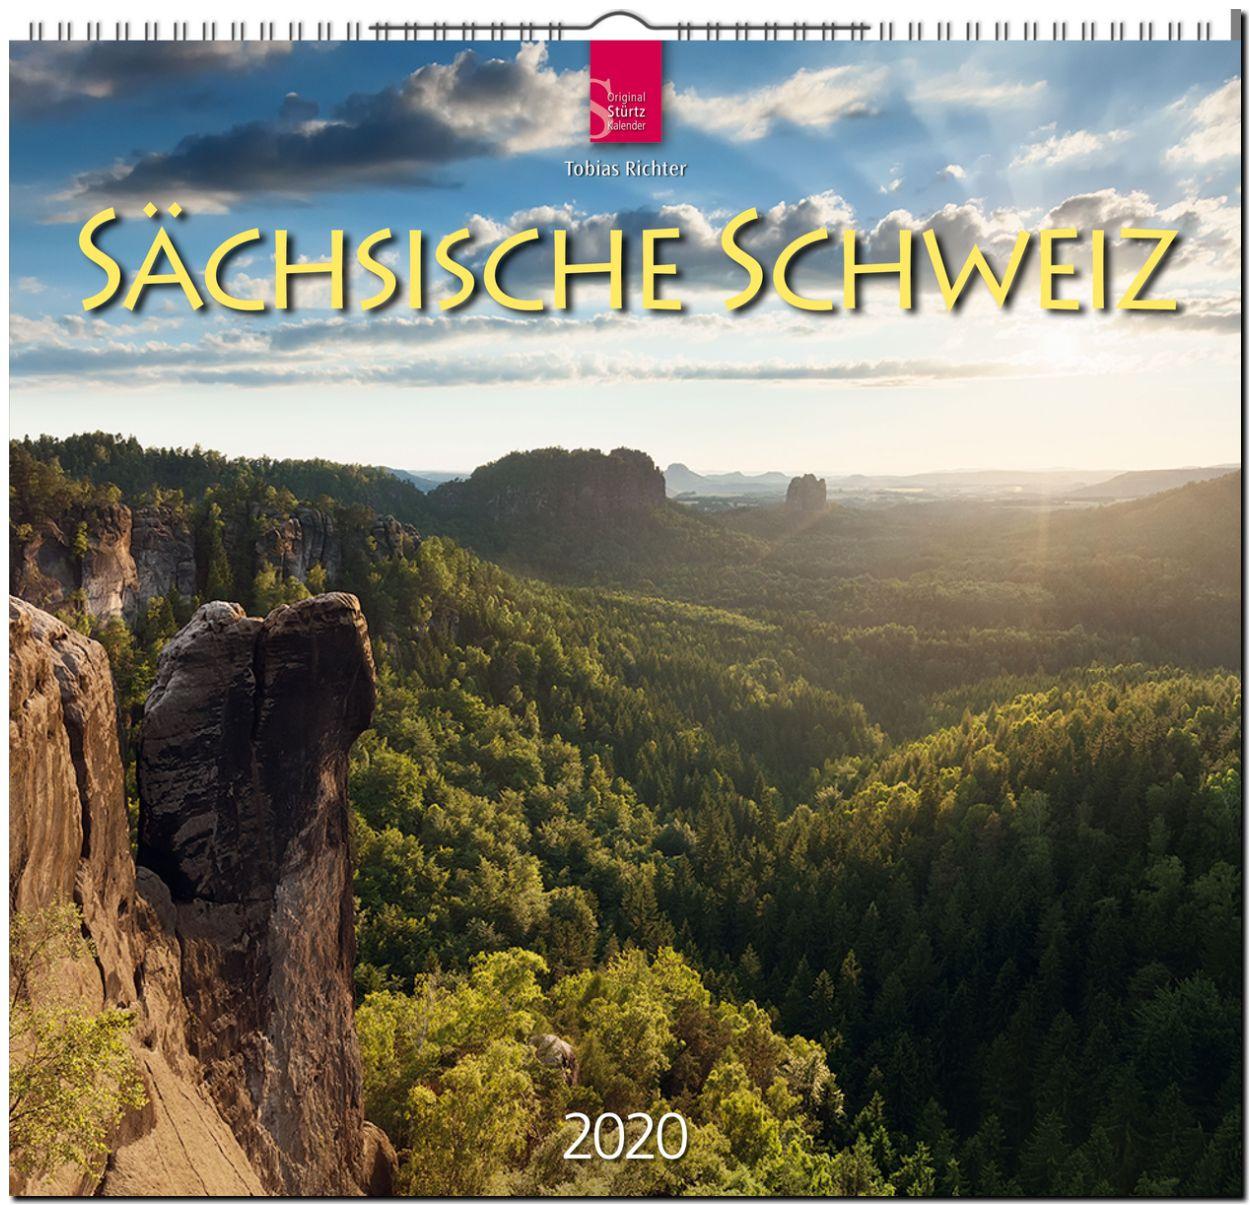 Singles sächsische schweiz